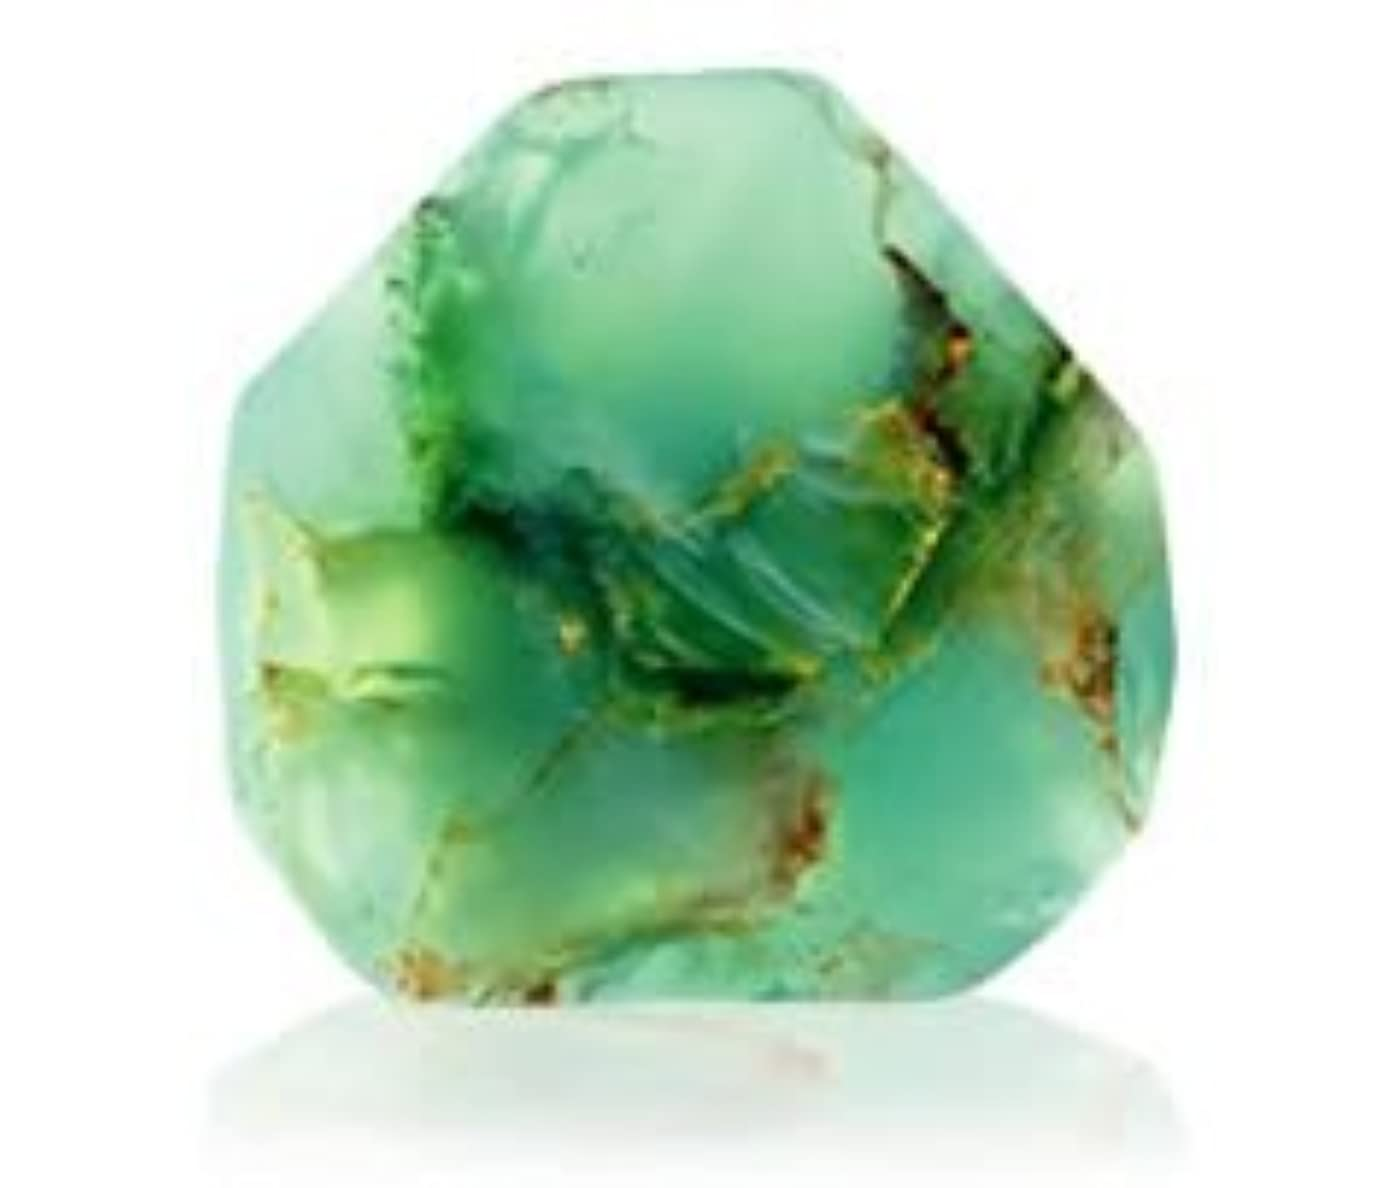 修復翻訳者一致Savons Gemme サボンジェム 世界で一番美しい宝石石鹸 フレグランスソープ ジェイド 170g